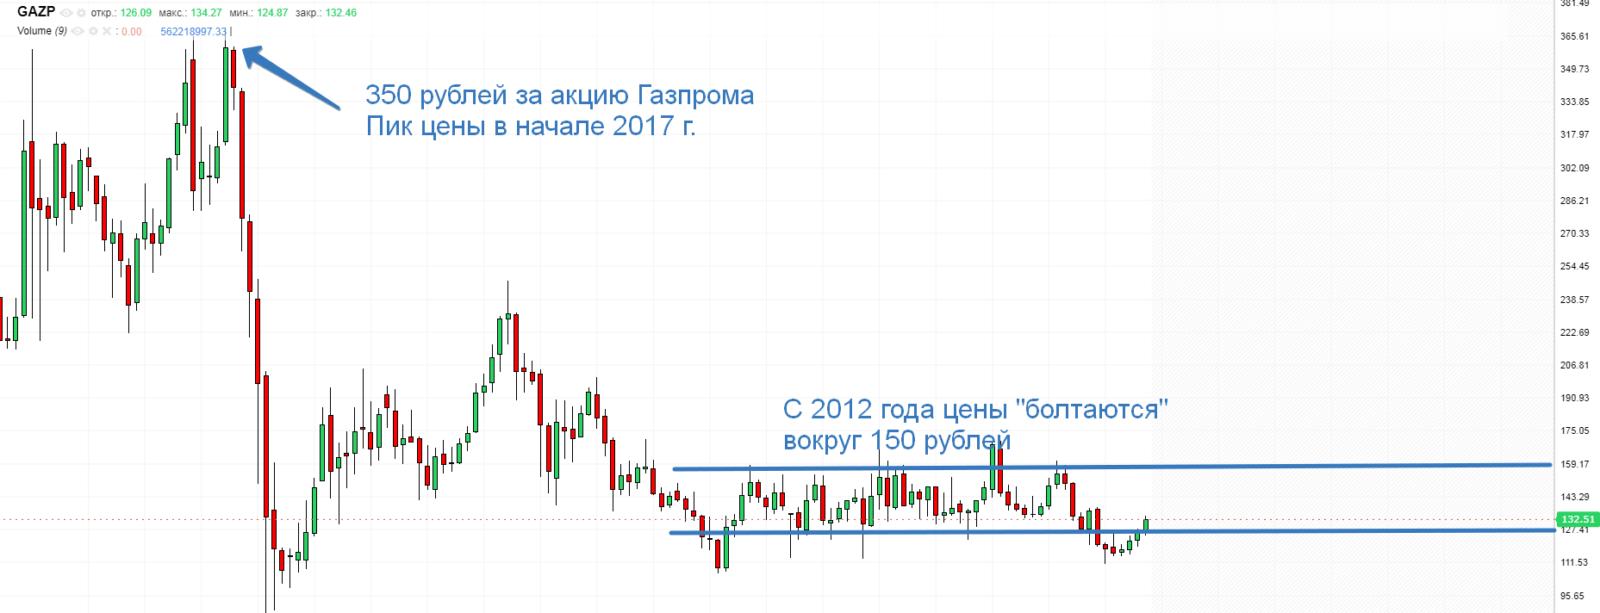 Котировки Газпрома за все время